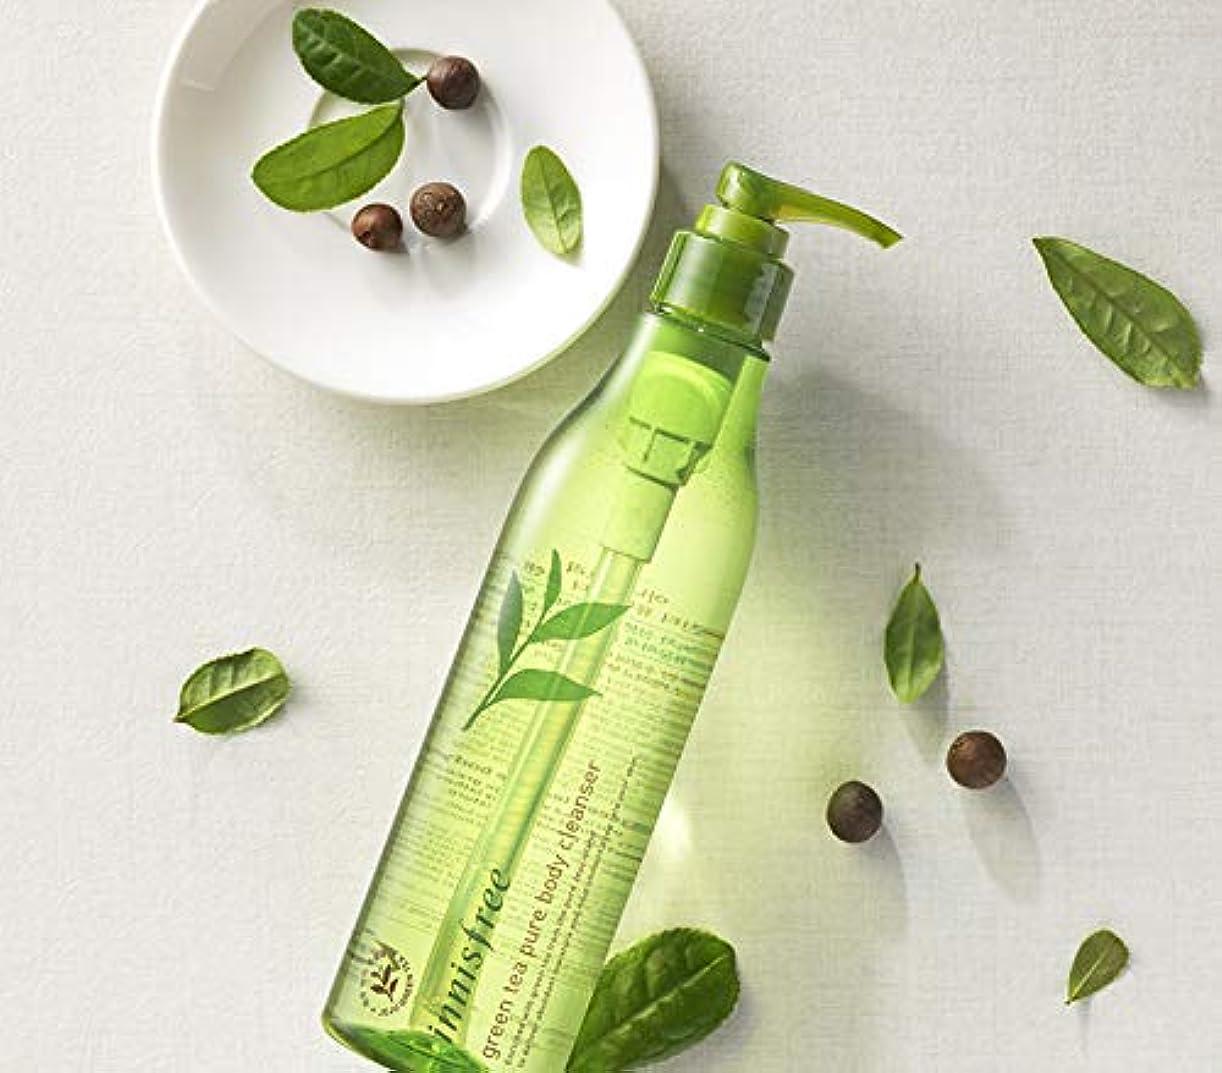 カバーカヌーオーロック[イニスフリー.innisfree]グリーンティーピュアボディクレンザー300mL/ Green Tea Pure Body Cleanser